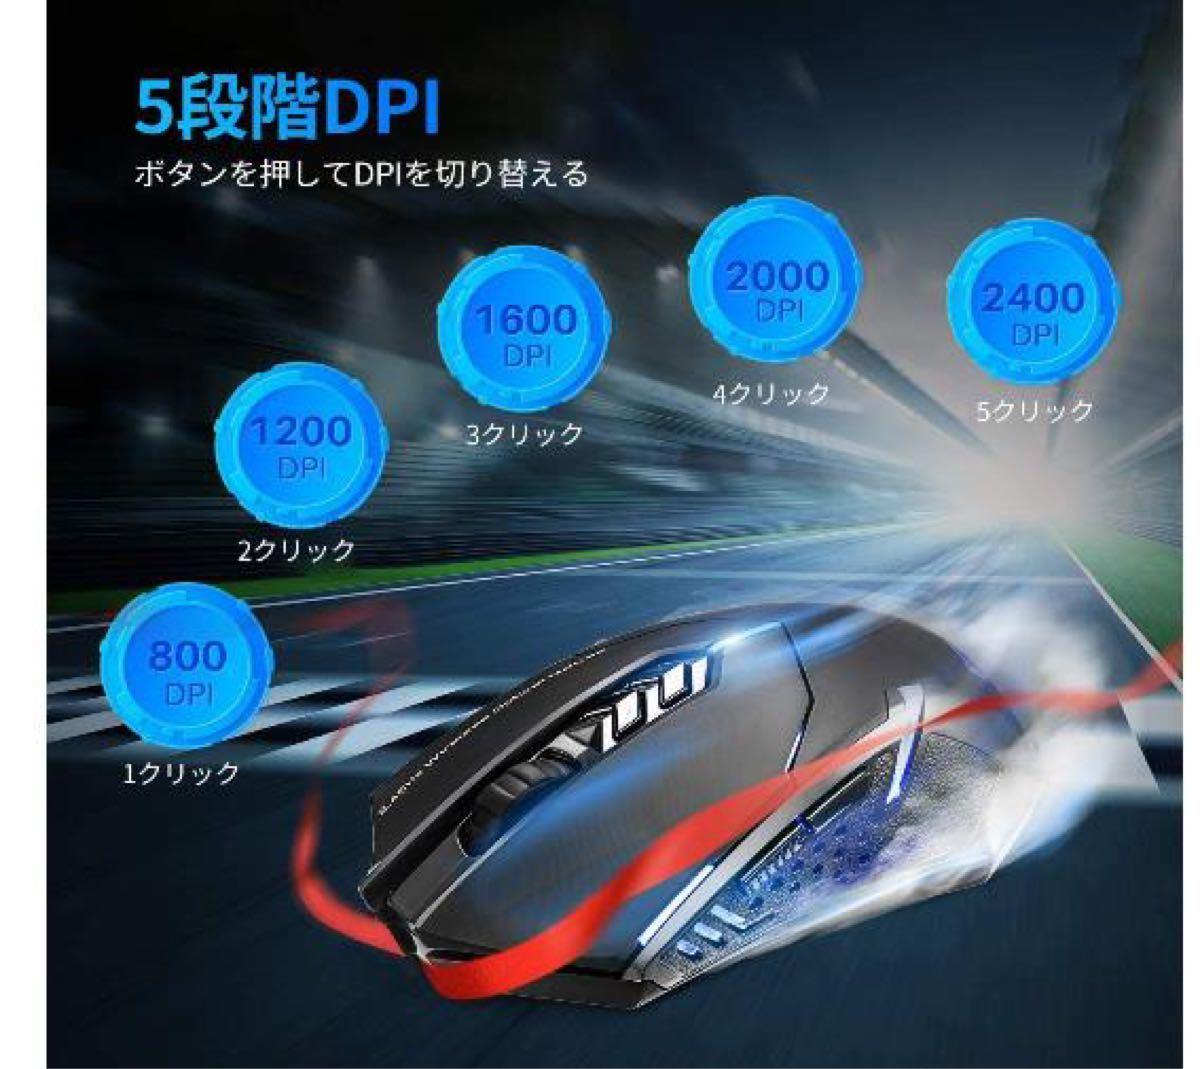 ワイヤレスマウス 2.4G ゲーミングマウス ゲームマウス 超静音 5段階DPI調整可能 省電力 LEDライト